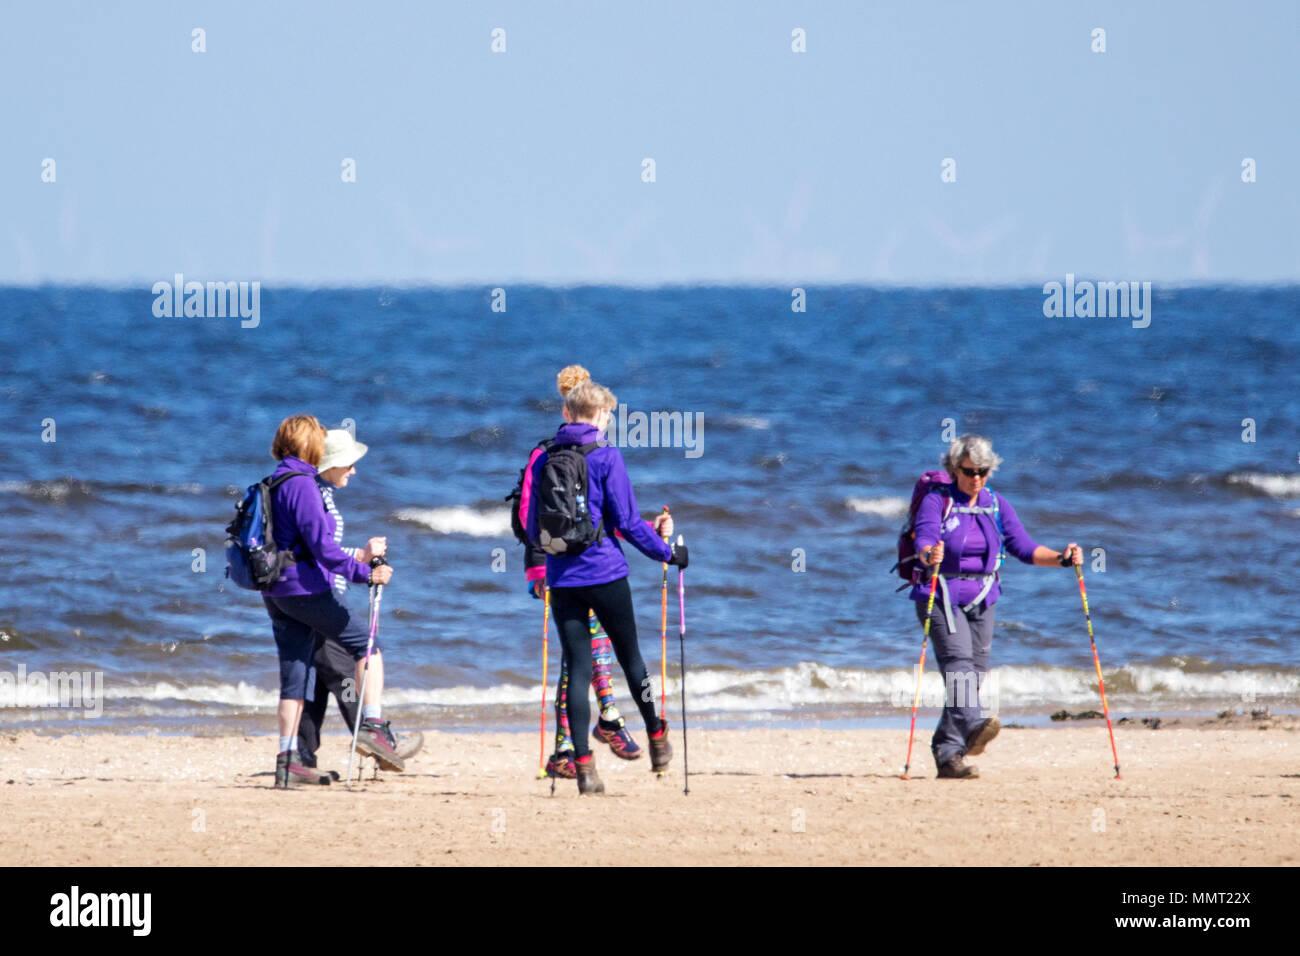 Southport, Merseyside. El 13 de mayo de 2018. El clima del Reino Unido. Un grupo de mujeres ramblers hacer su calentamiento y estiramientos antes de salir de un largo paseo desde la playa de Southport a Formby punto a lo largo de esta pintoresca parte de la costa noroeste. Crédito: Cernan Elias/Alamy Live News Foto de stock